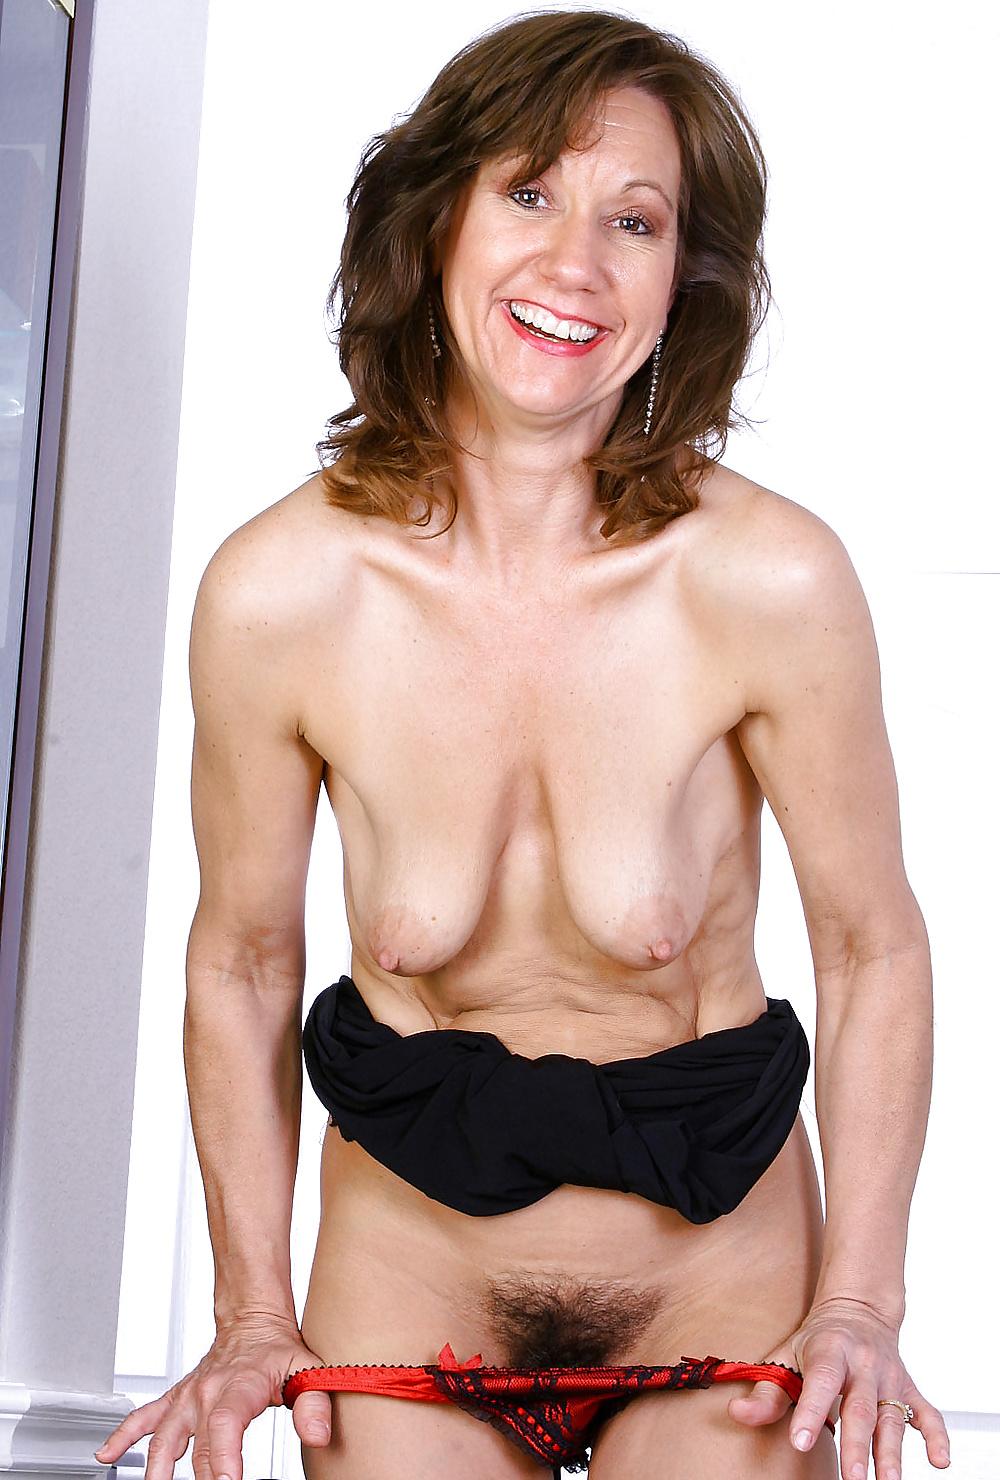 Mitchellen mature milf taking off panties pictures